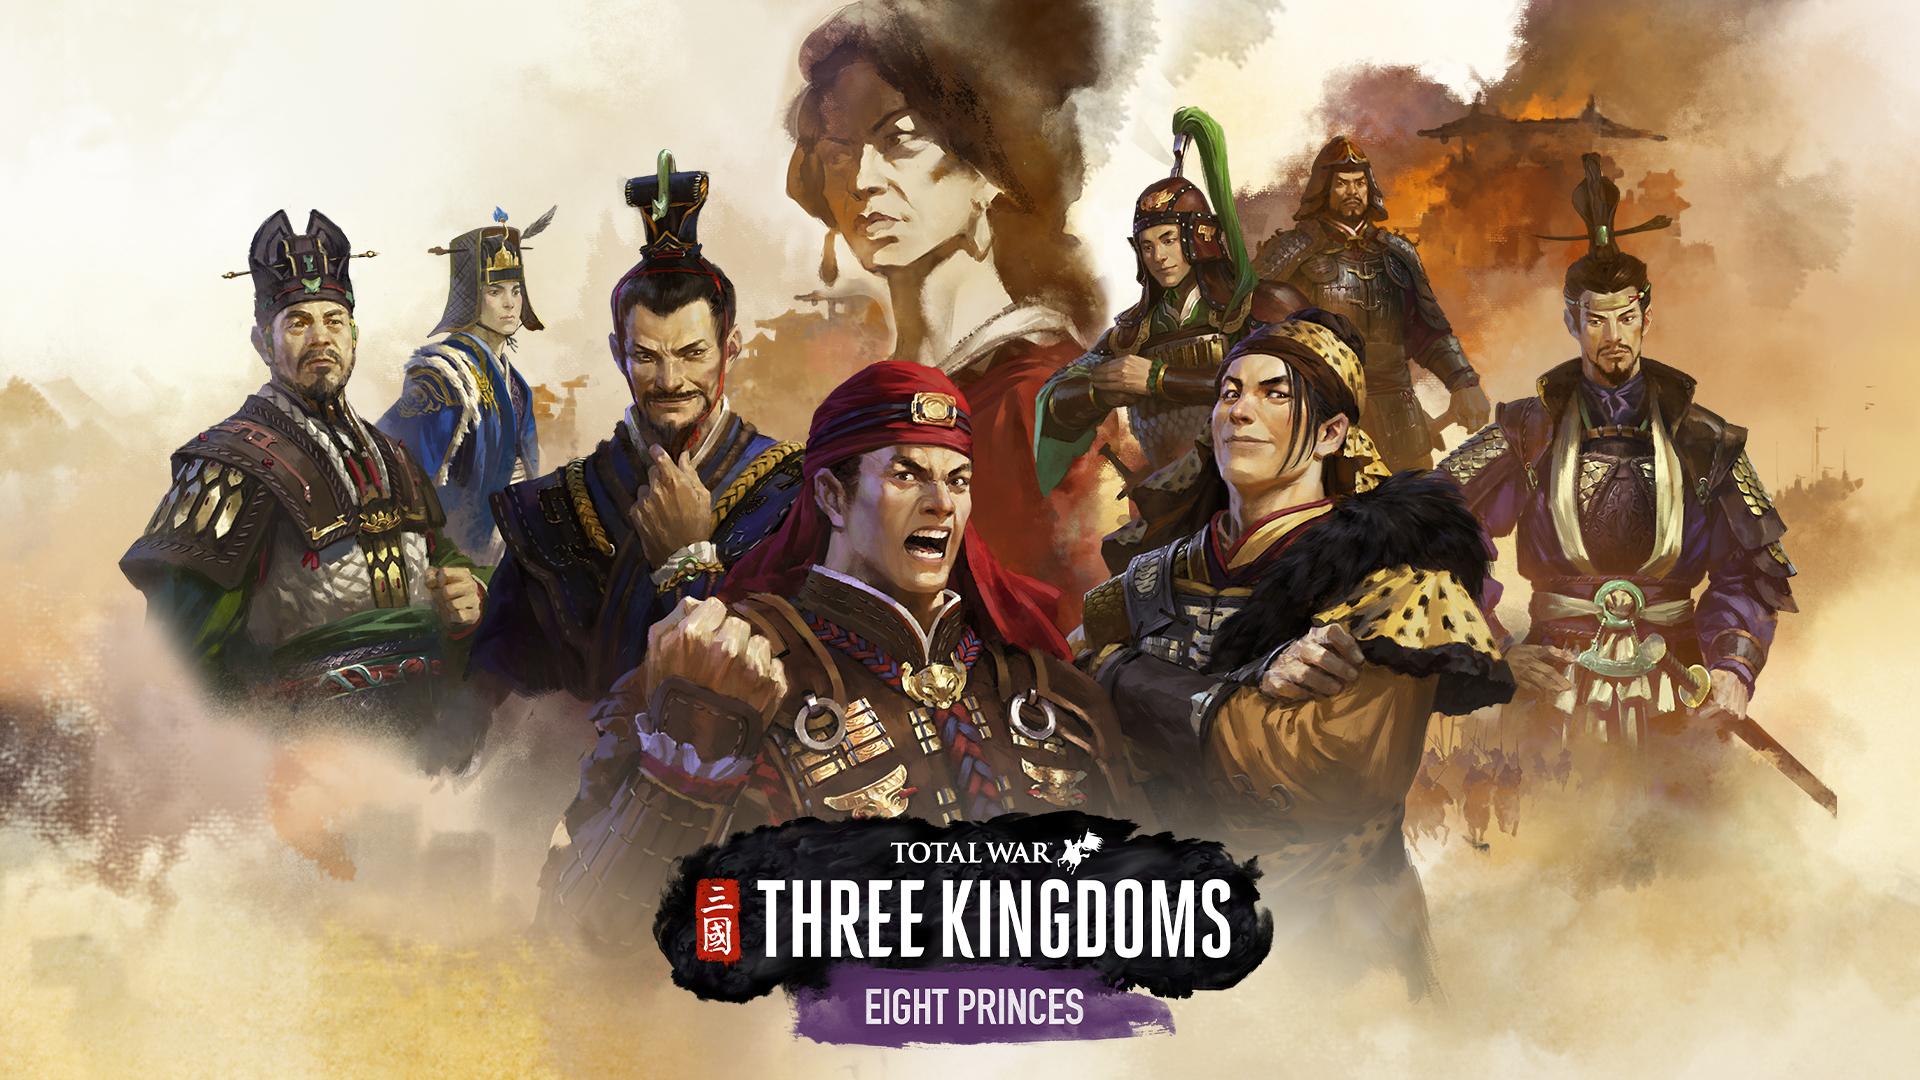 Primeiro DLC para Total War: Three Kingdoms em Agosto